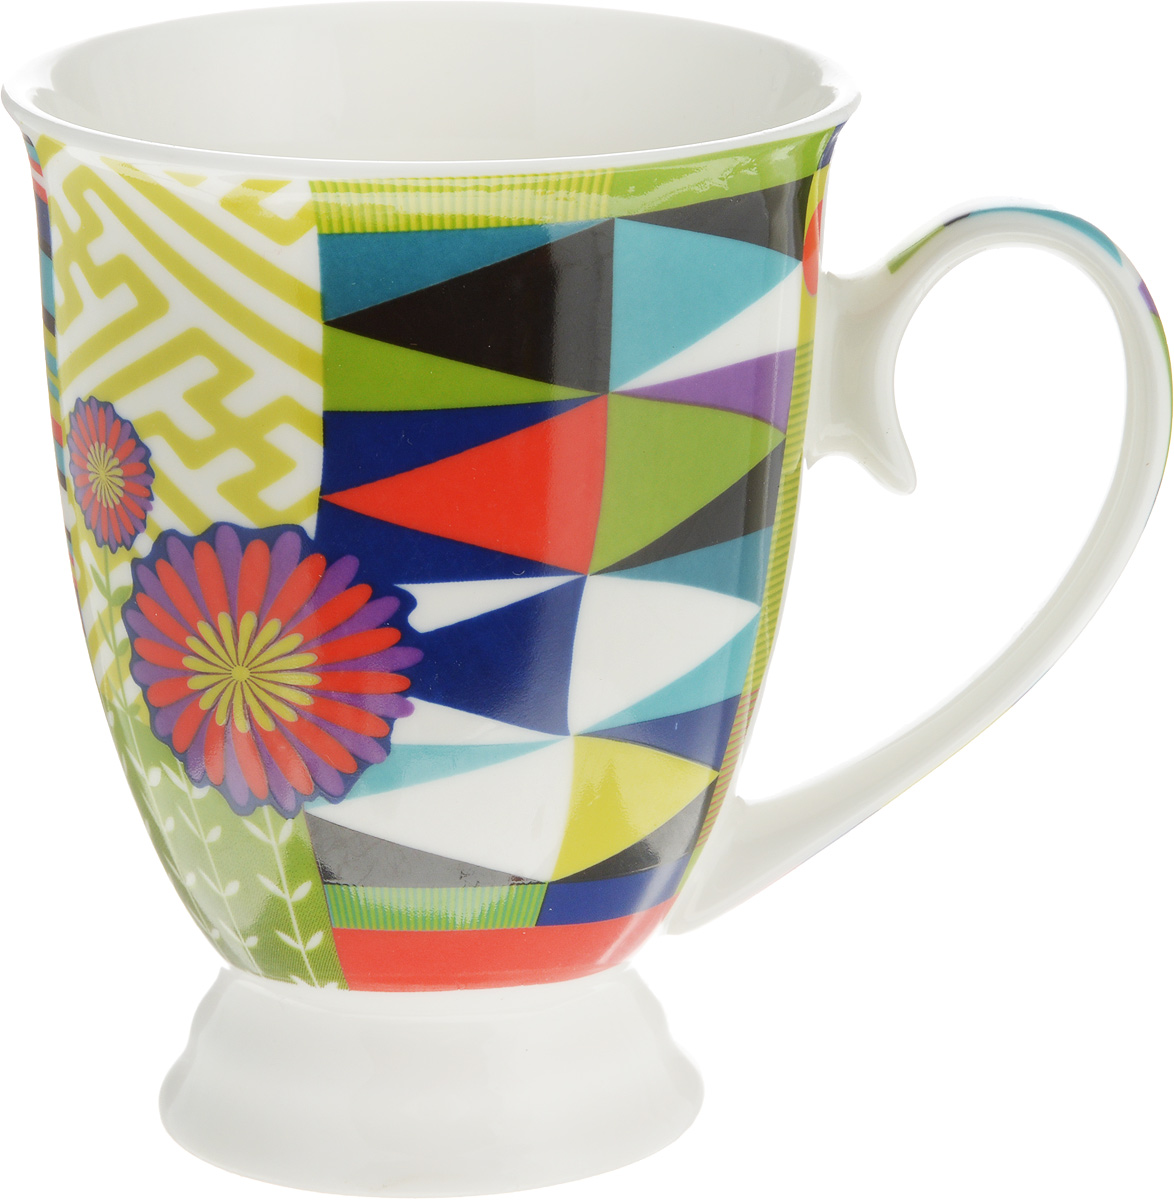 Кружка Lillo Цветочно-ягодный микс, цвет: бирюзовый, зеленый, красный, 250 мл54327Кружка Lillo Цветочно-ягодный микс выполнена из высококачественной керамики с глазурованным покрытием. С внешней стороны изделие декорировано красочным рисунком. Такая кружка станет приятным подарком и согреет вас холодными вечерами. Диаметр (по верхнему краю): 8 см.Высота кружки: 10,5 см.